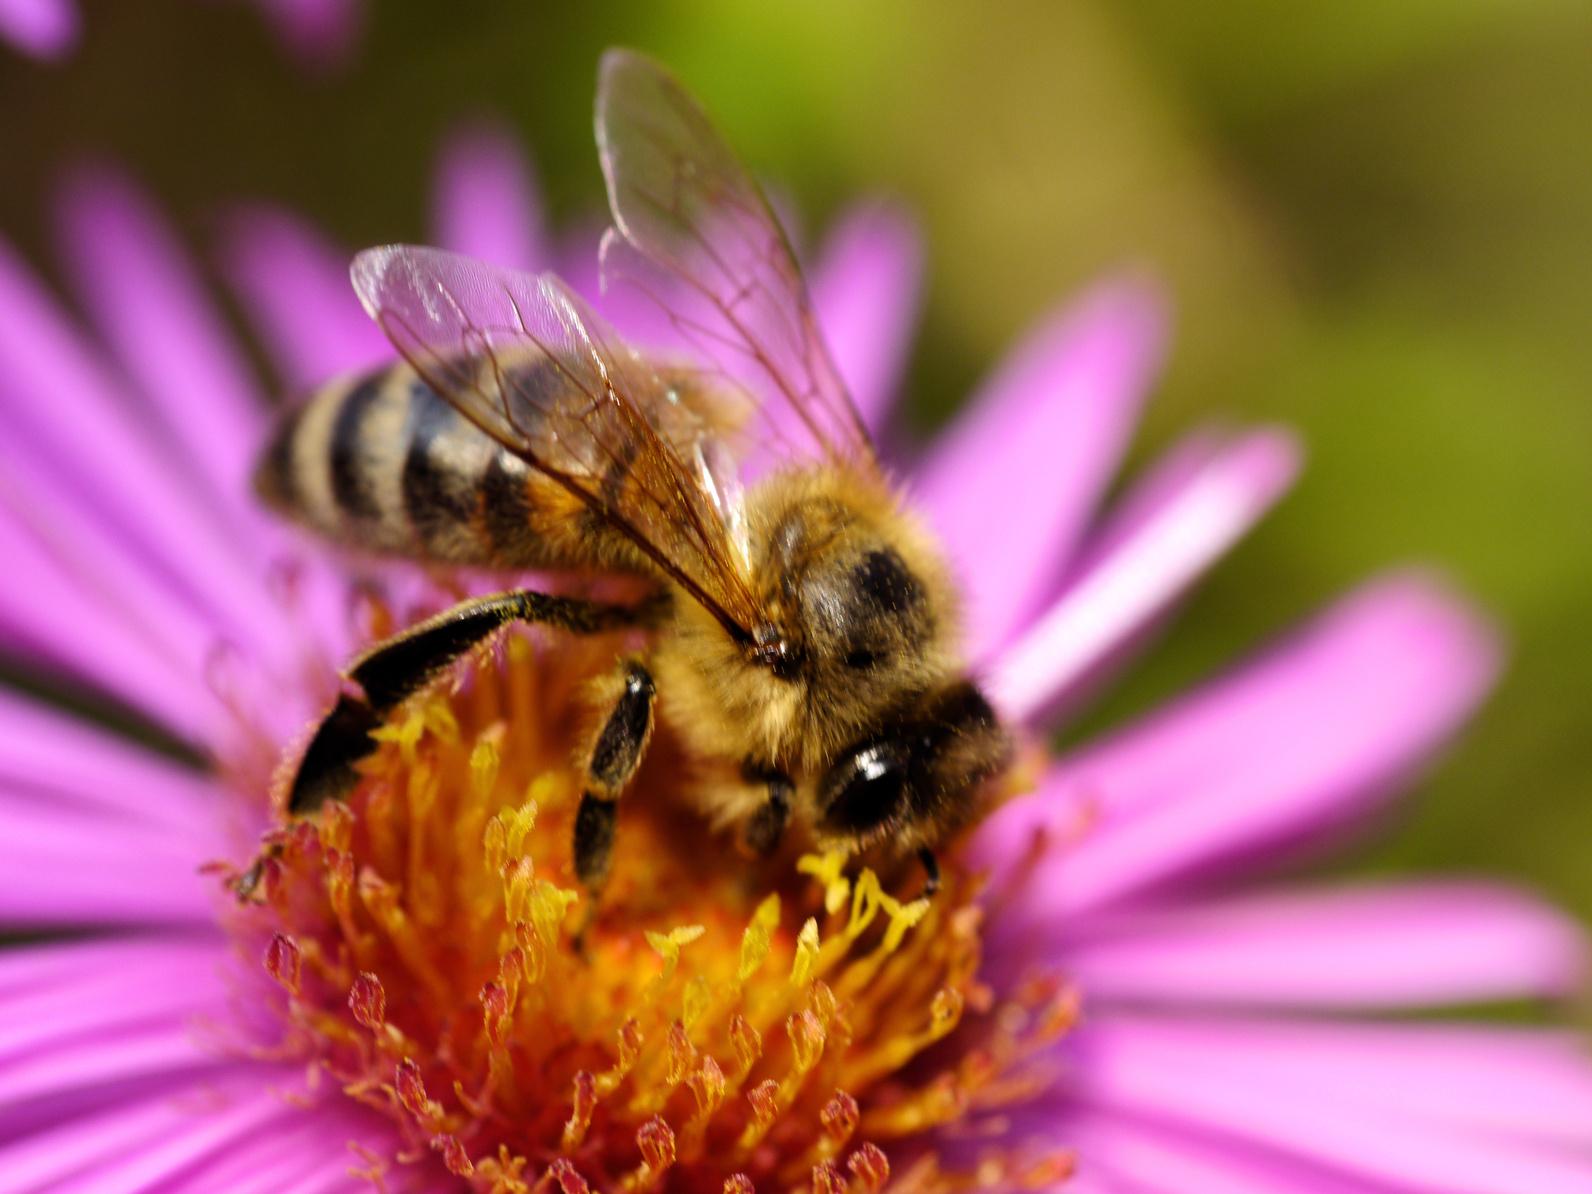 Animaux et insectes qui prennent soin de votre jardin - Insectes nuisibles du jardin ...